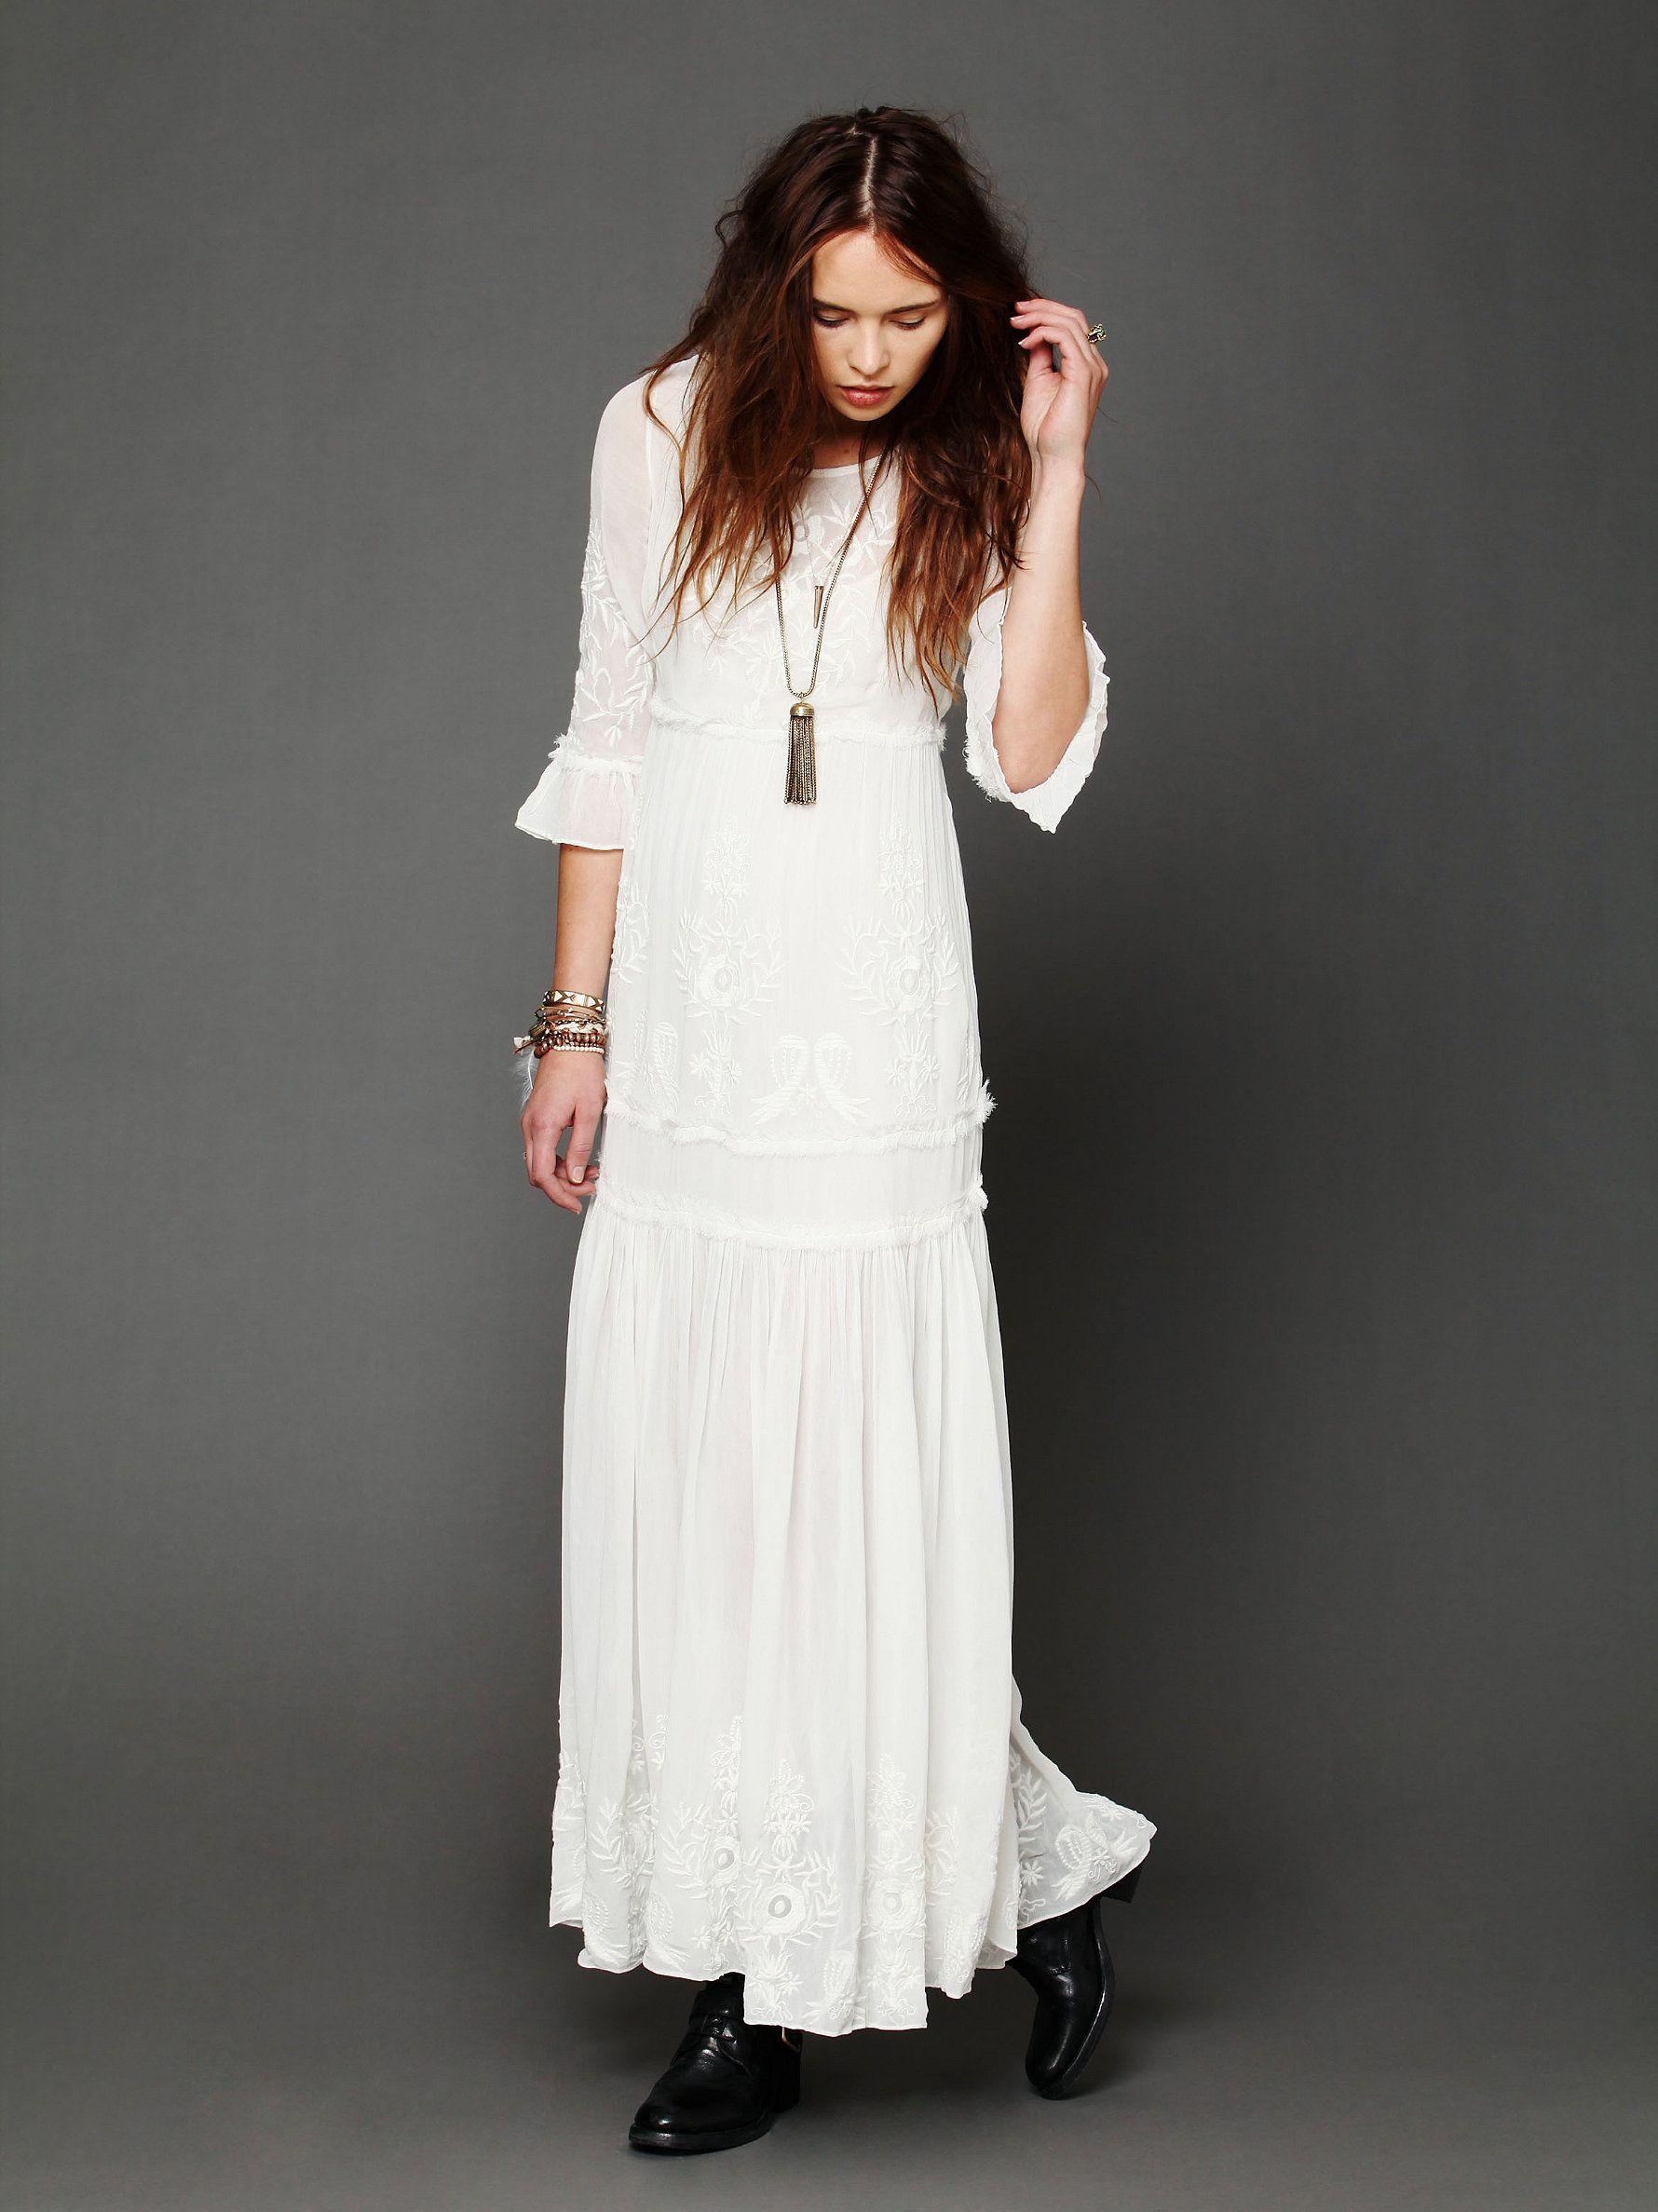 White Romance Embroidered Maxi Hippie Dresses White Maxi